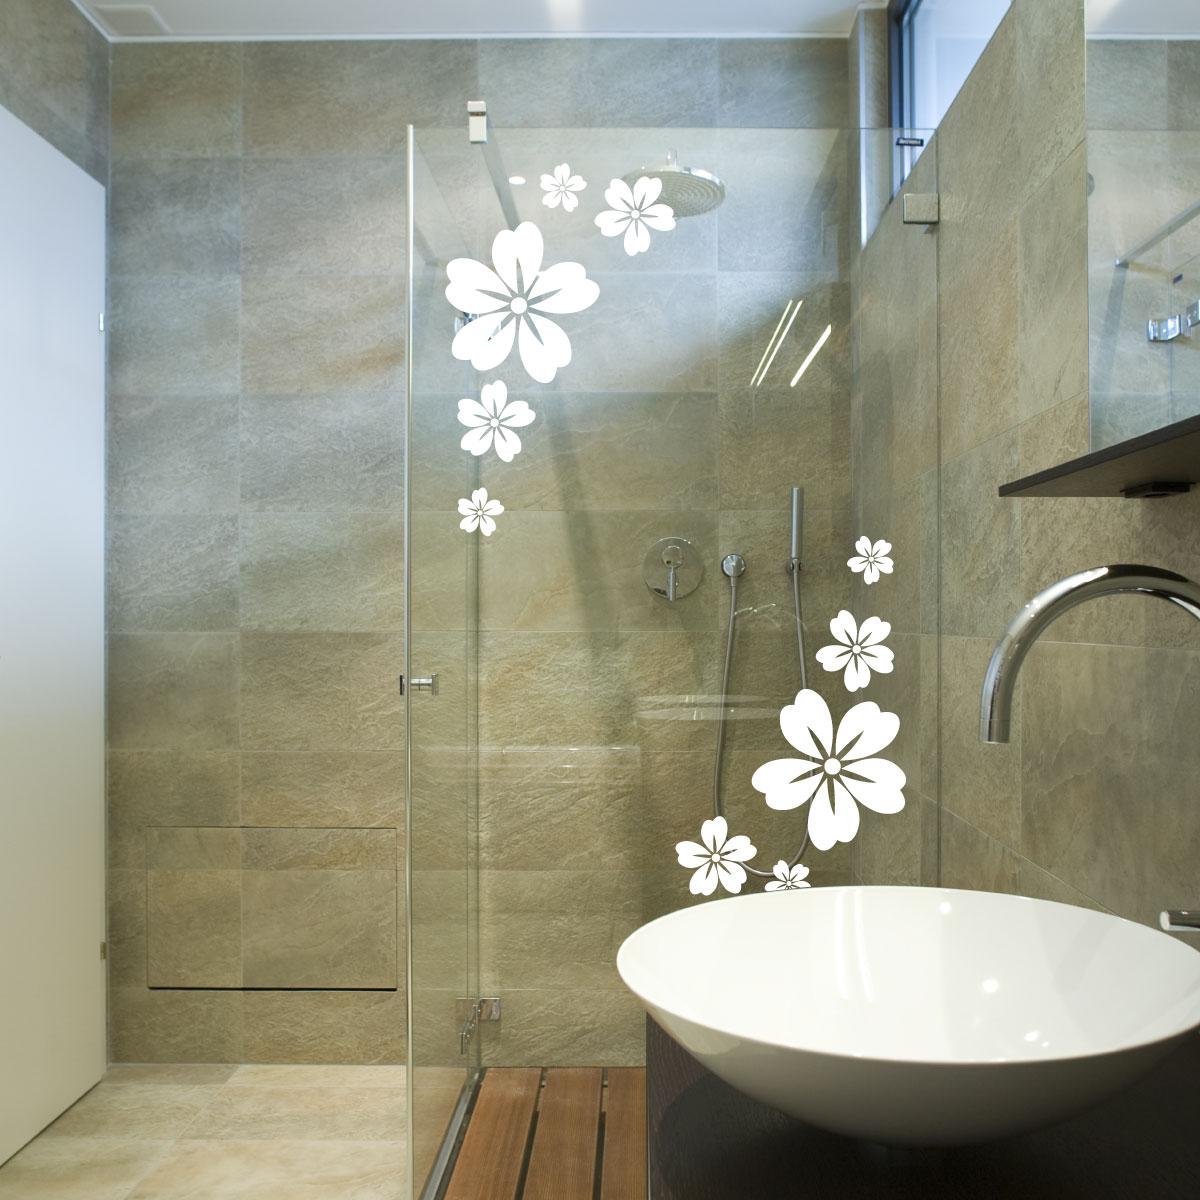 Stickers muraux pour salle de bain sticker mural fleurs ambiance - Revetements muraux pour salle de bain ...